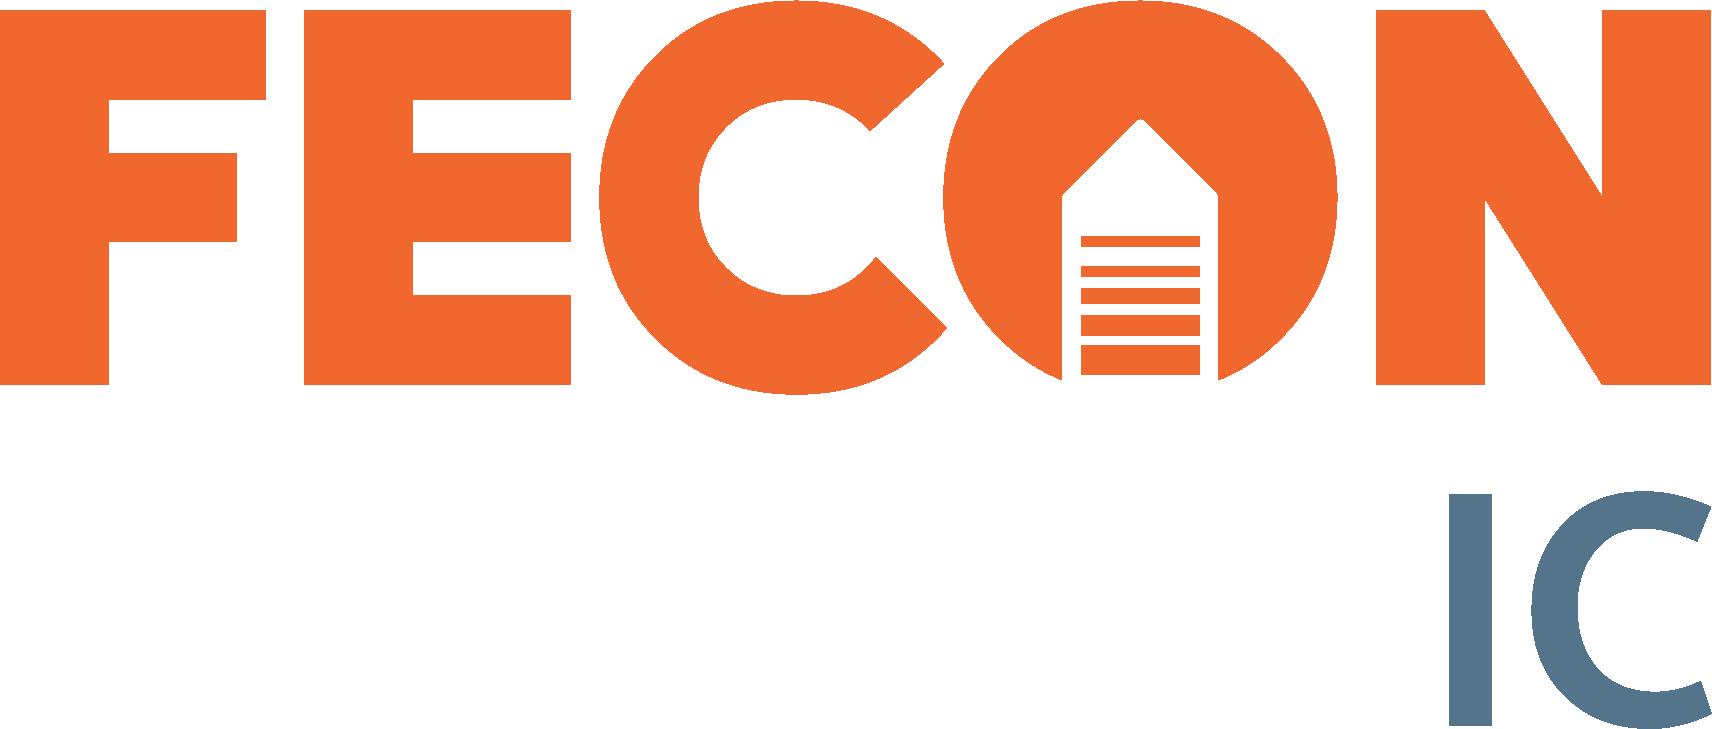 CÔNG TY CỔ PHẦN XÂY DỰNG HẠ TẦNG FECON (FCIC)